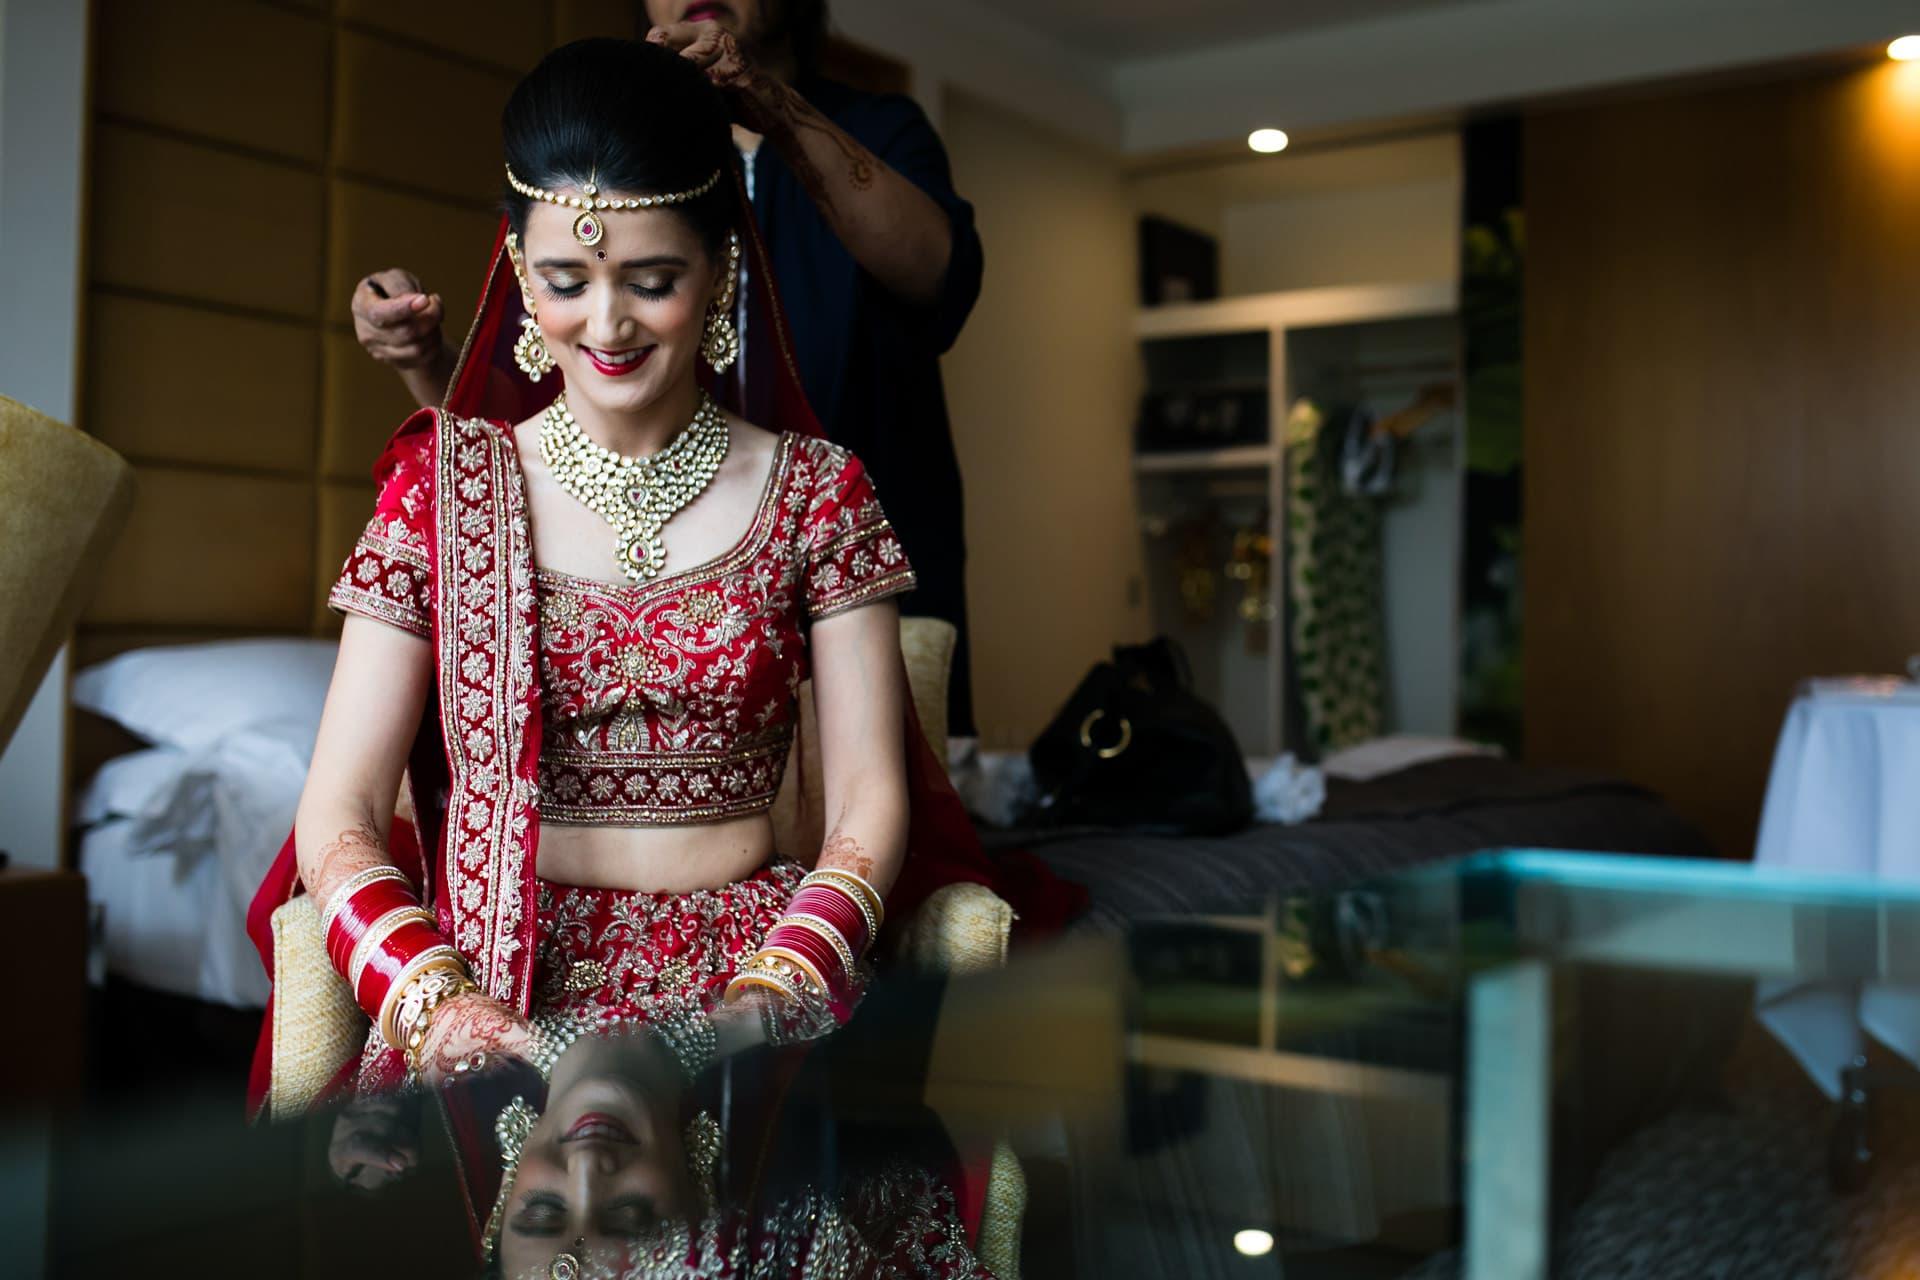 Hindu Asian Bride getting ready before wedding